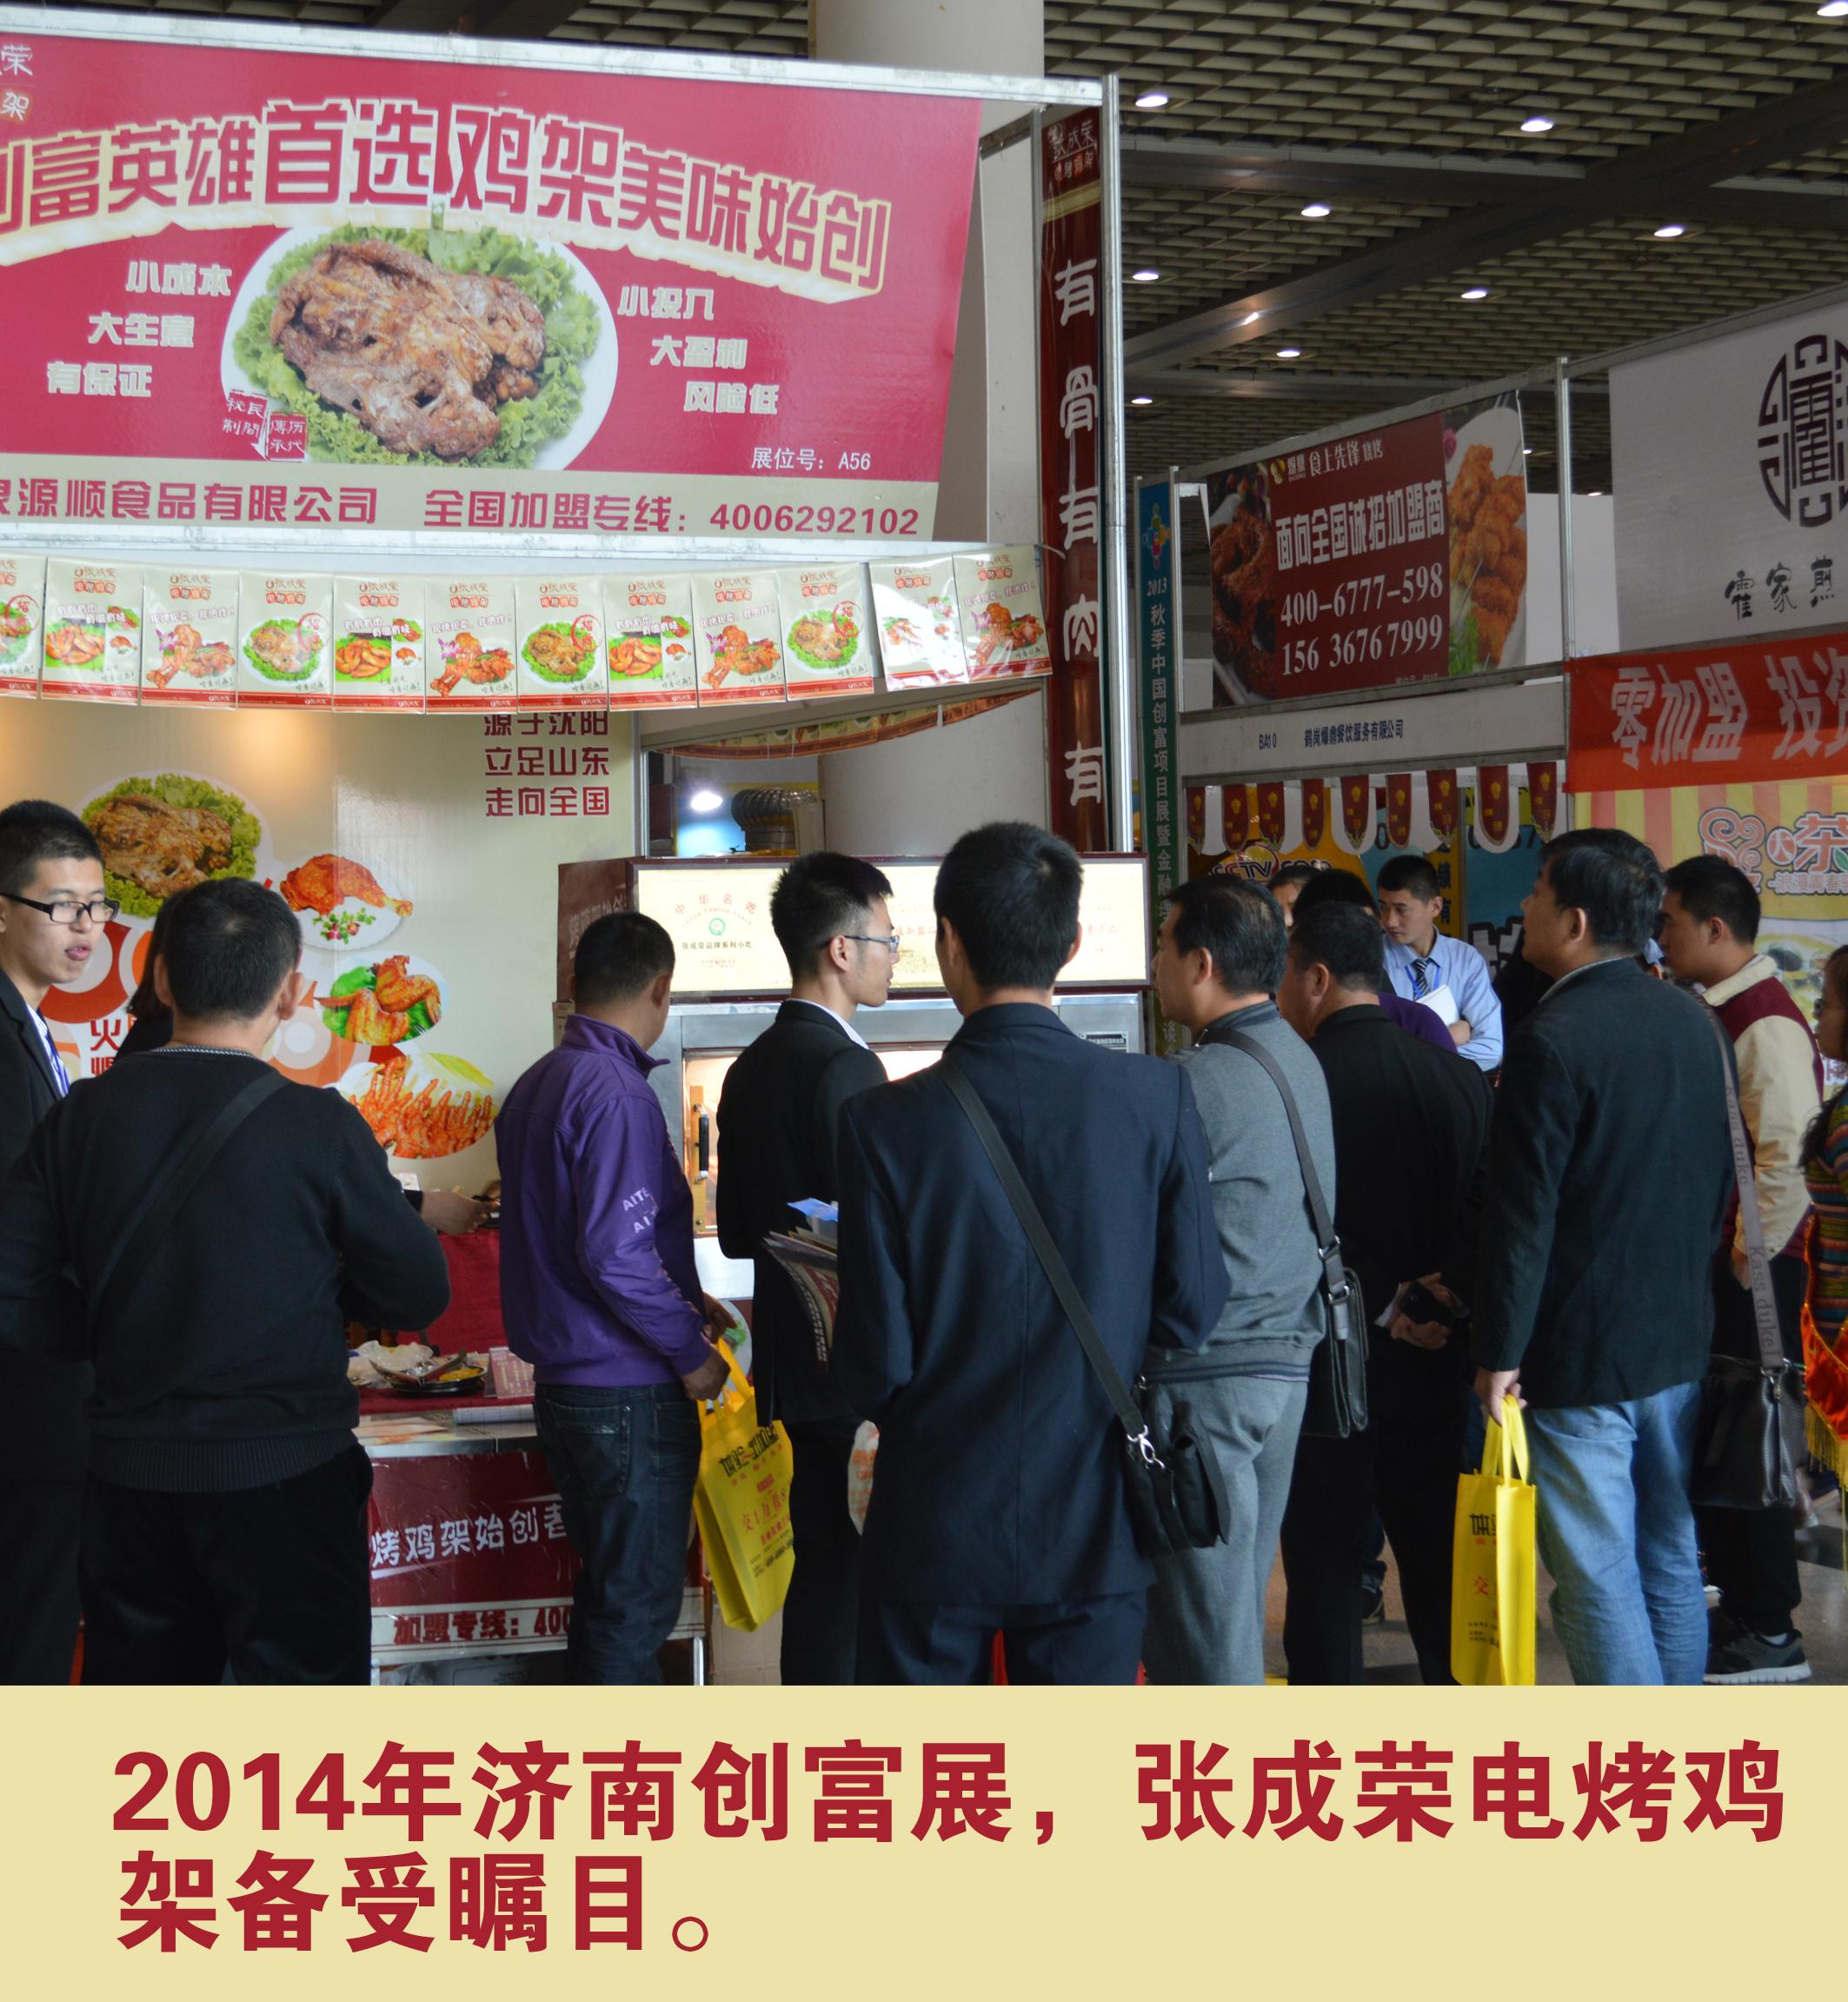 2014年济南创富展,张成荣电烤鸡架备受瞩目。